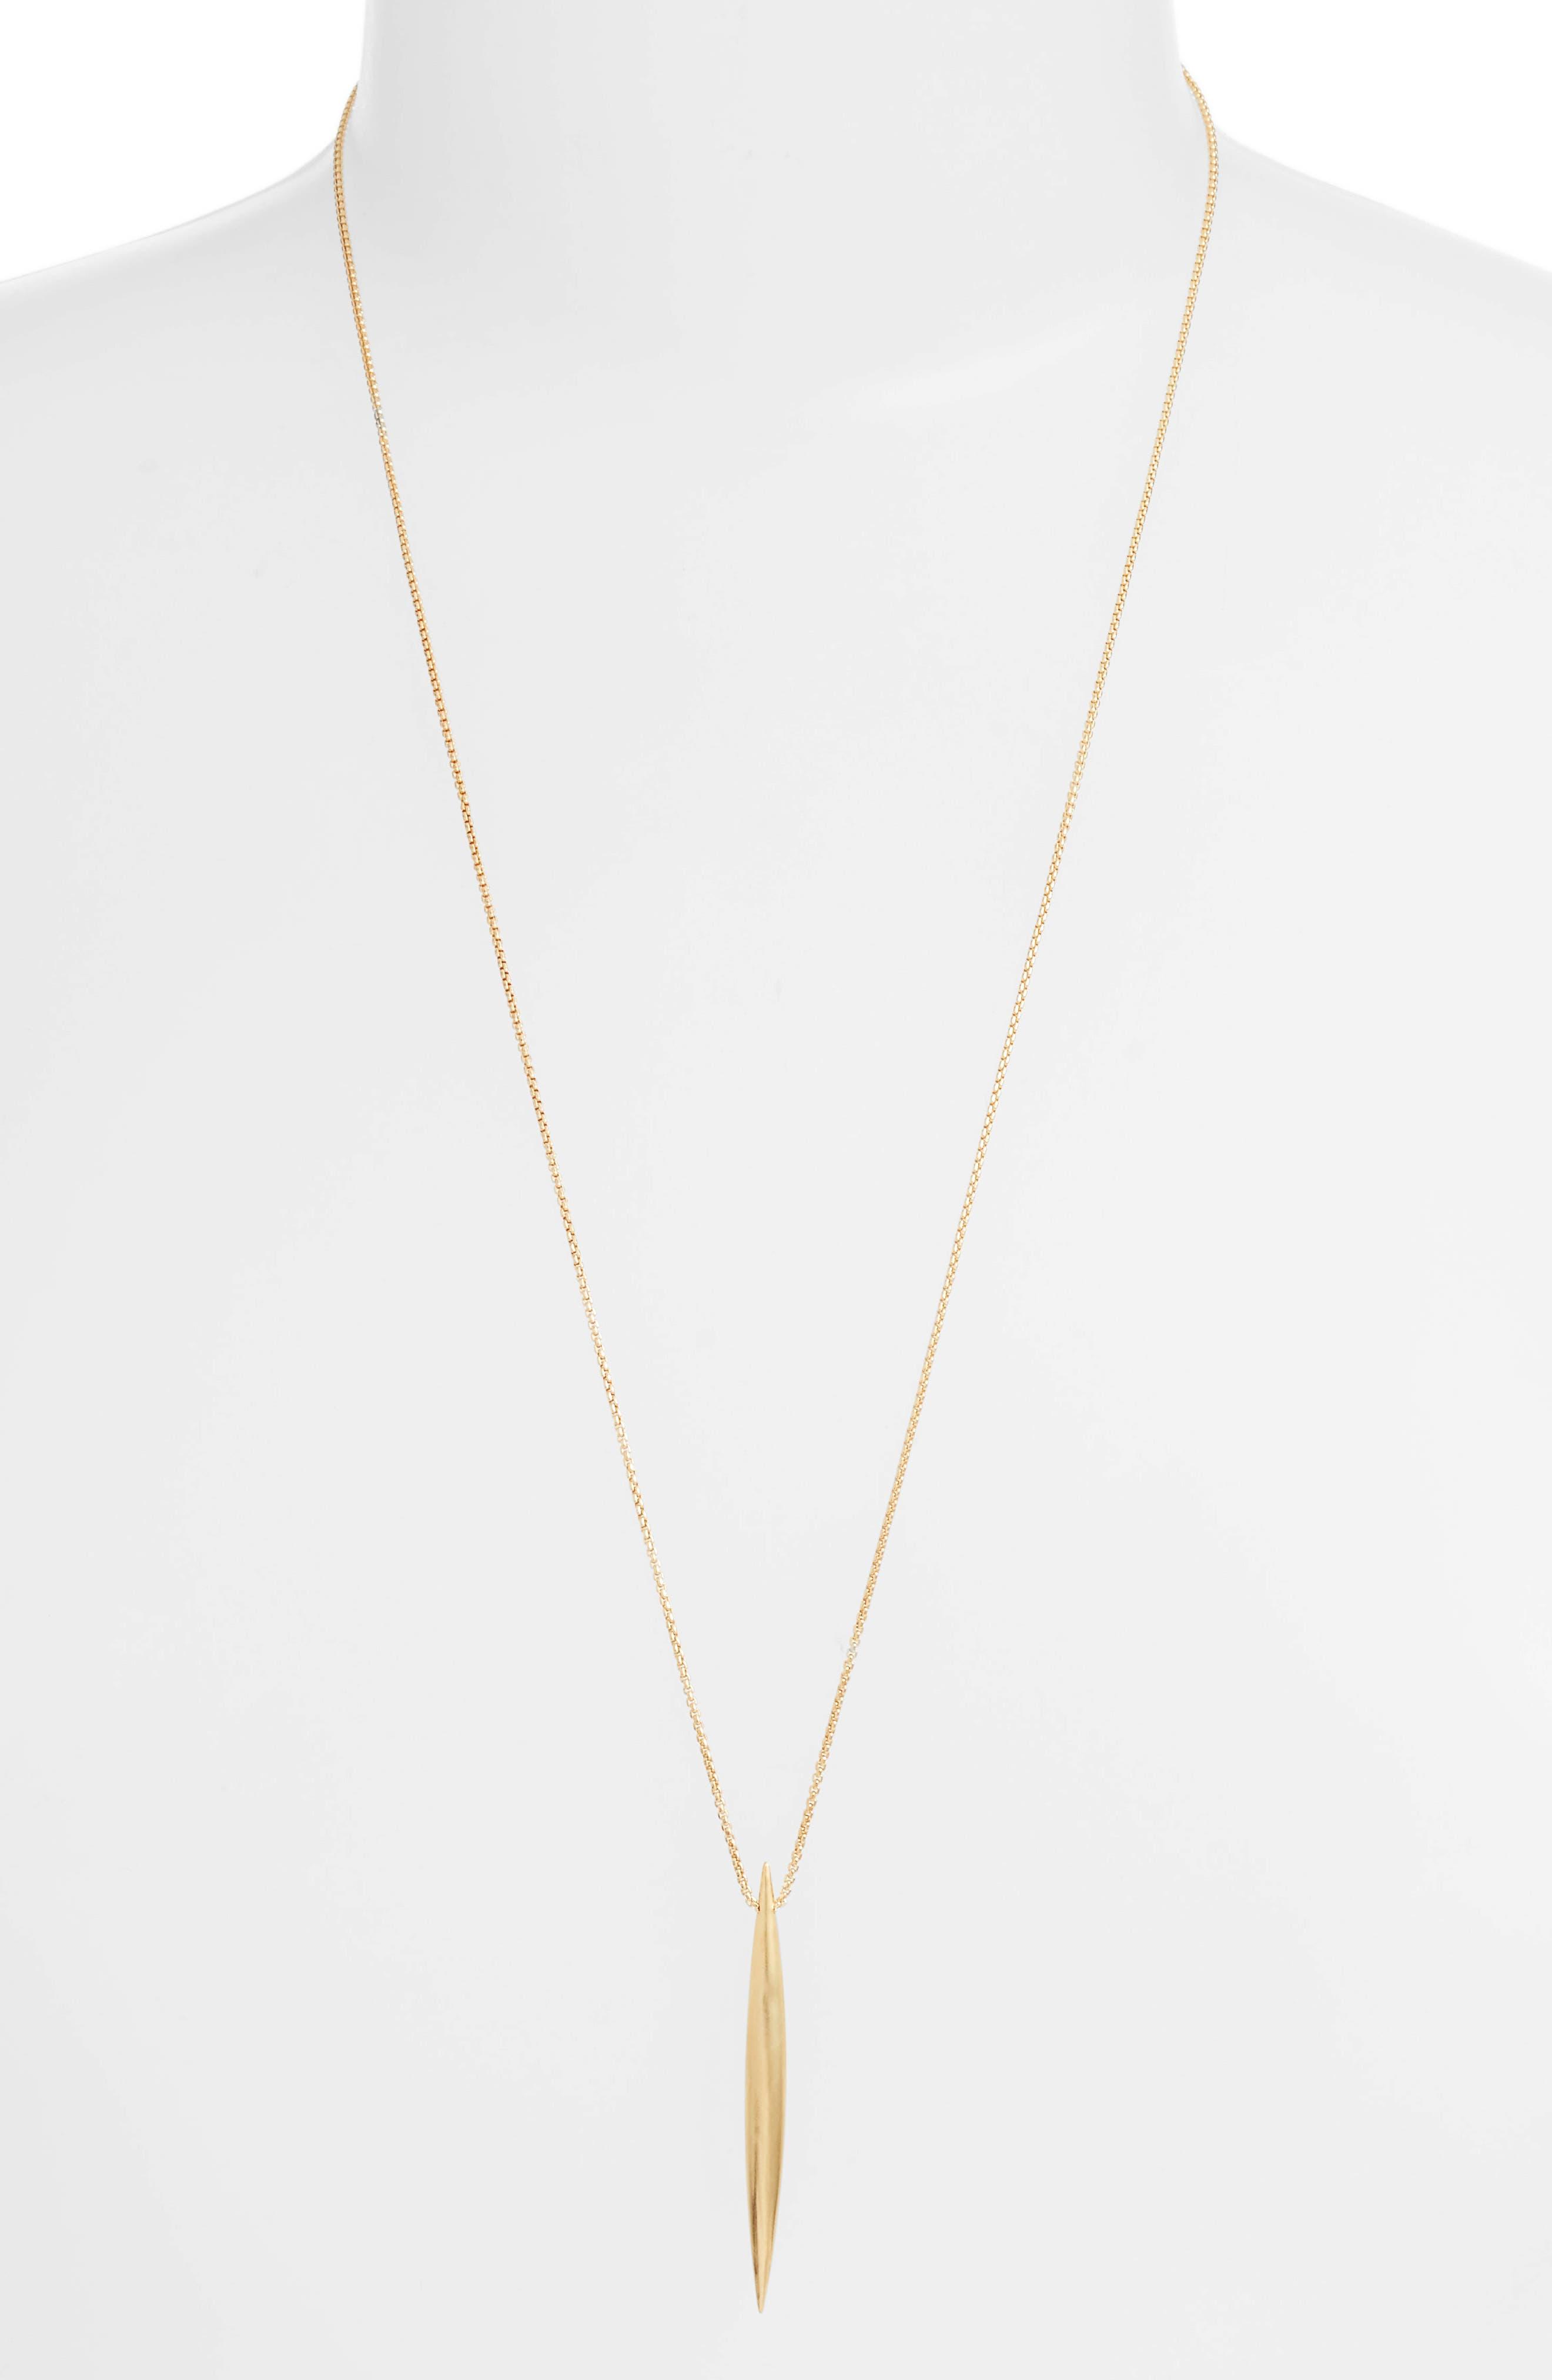 Taj Pendant Adjustable Necklace,                         Main,                         color, GOLD